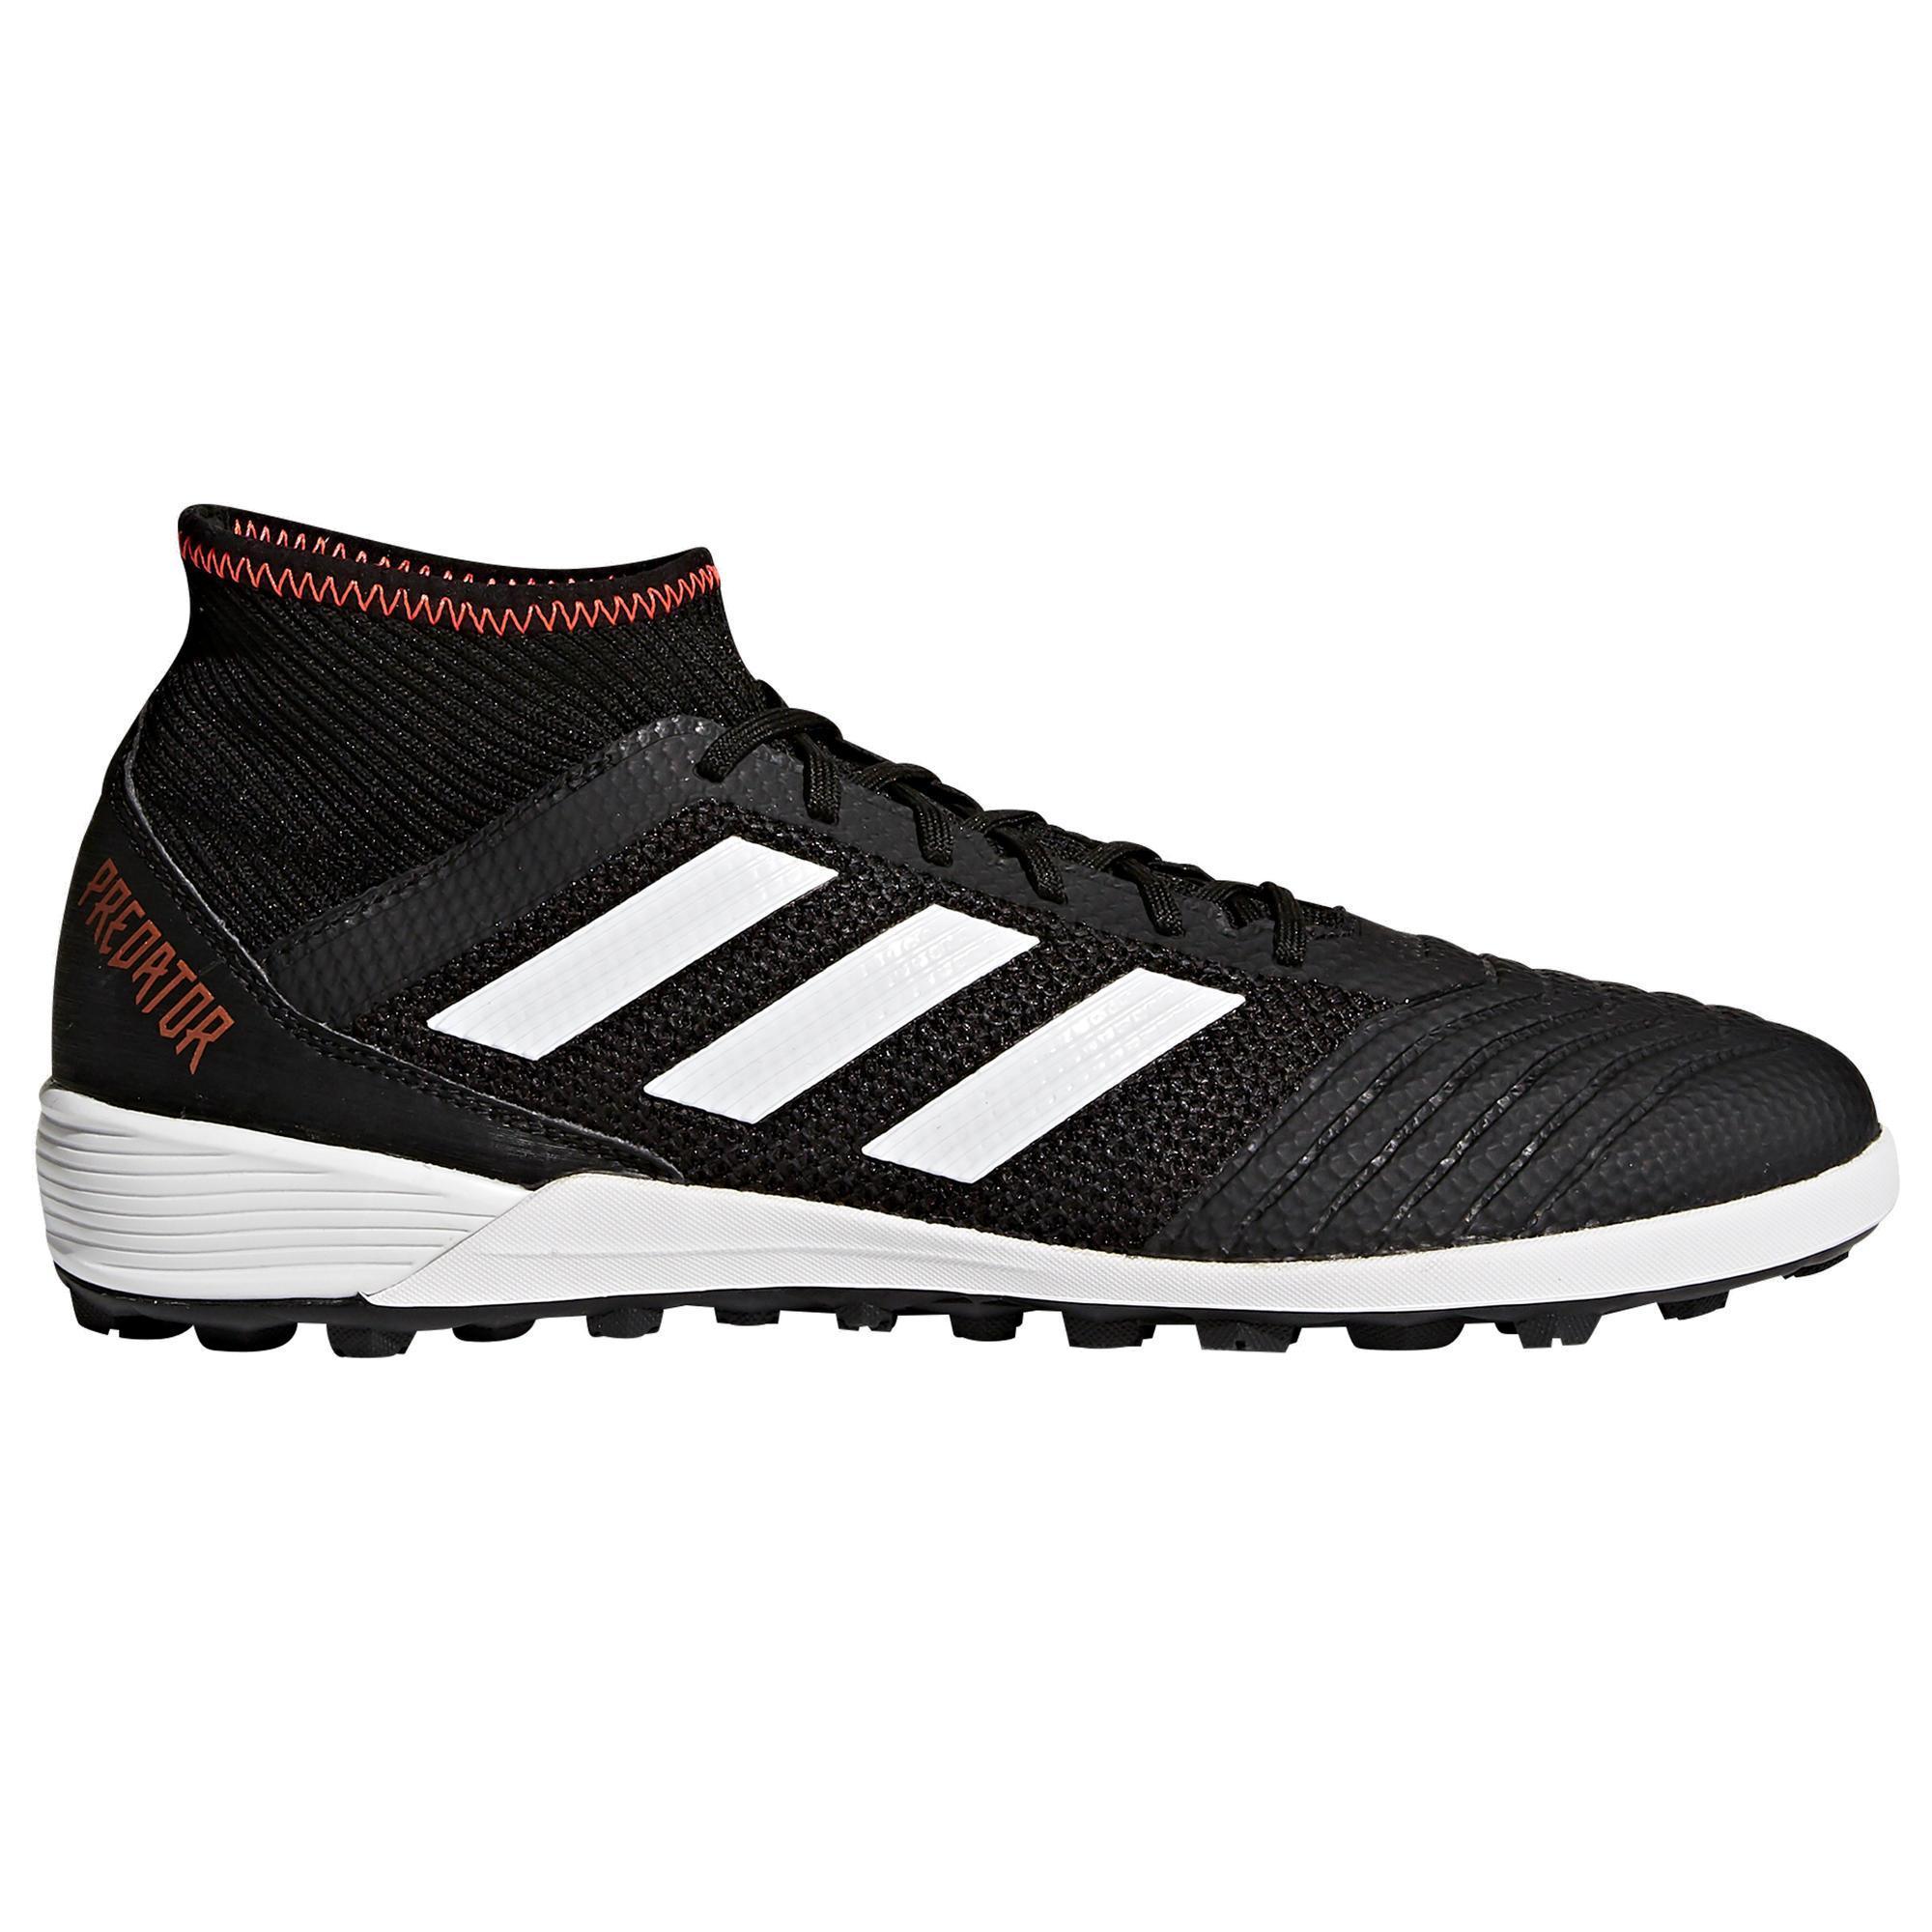 Adidas Voetbalschoenen Predator 18.3 TF voor kinderen